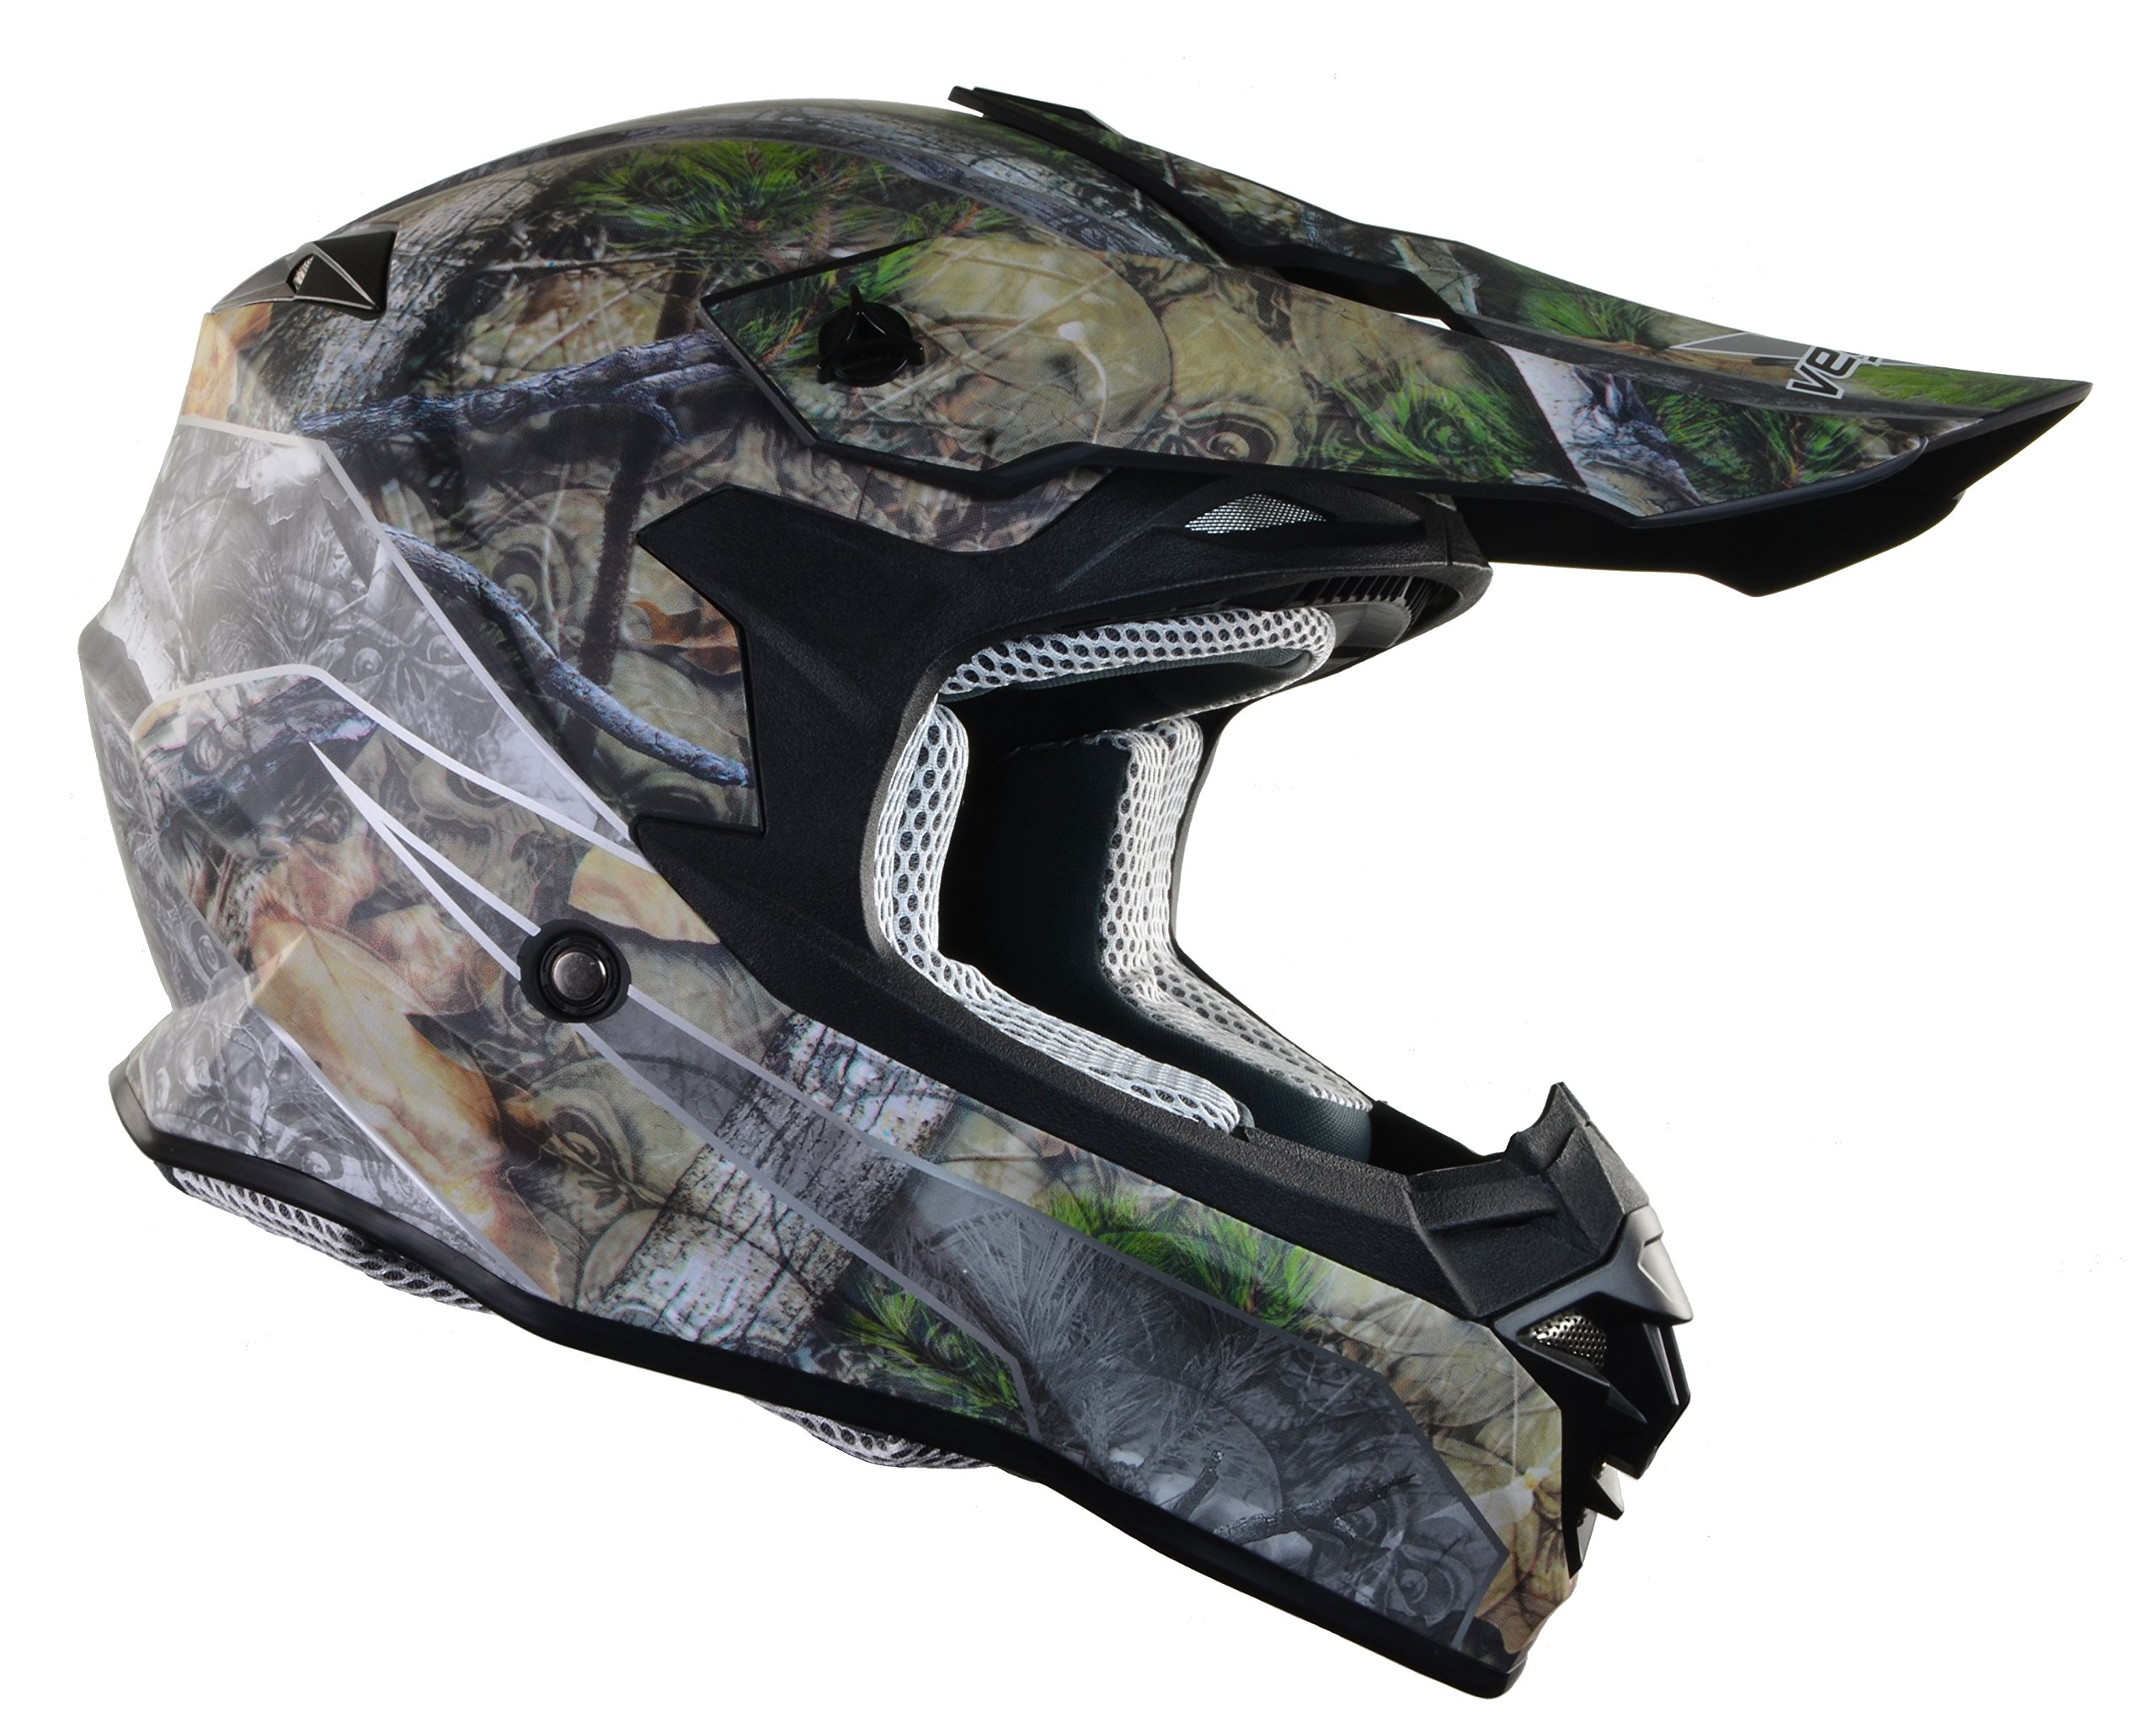 Vega Helmets VF1 Lightweight Dirt Bike Helmet – Off-Road Full Face Helmet for ATV Motocross MX Enduro Quad Sport, 5 Year Warranty (Skull Camo Graphic Large Unisex Adult)